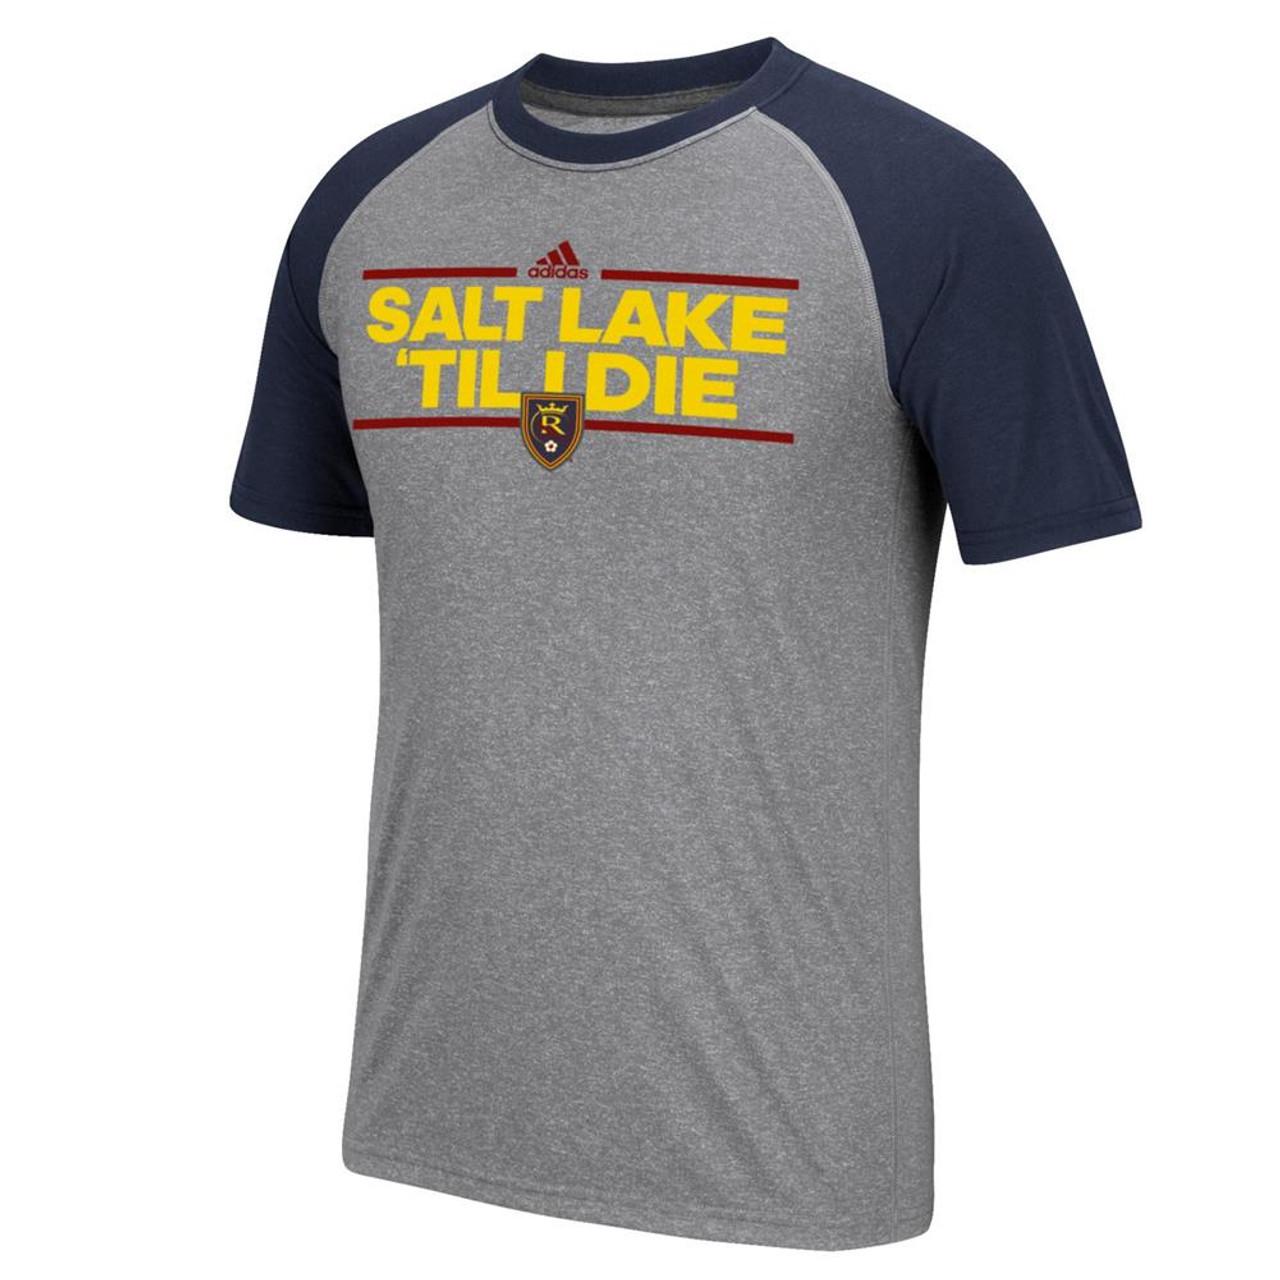 Real Salt Lake Men's Short Sleeve T-Shirt Adidas Dassler Raglan Tee